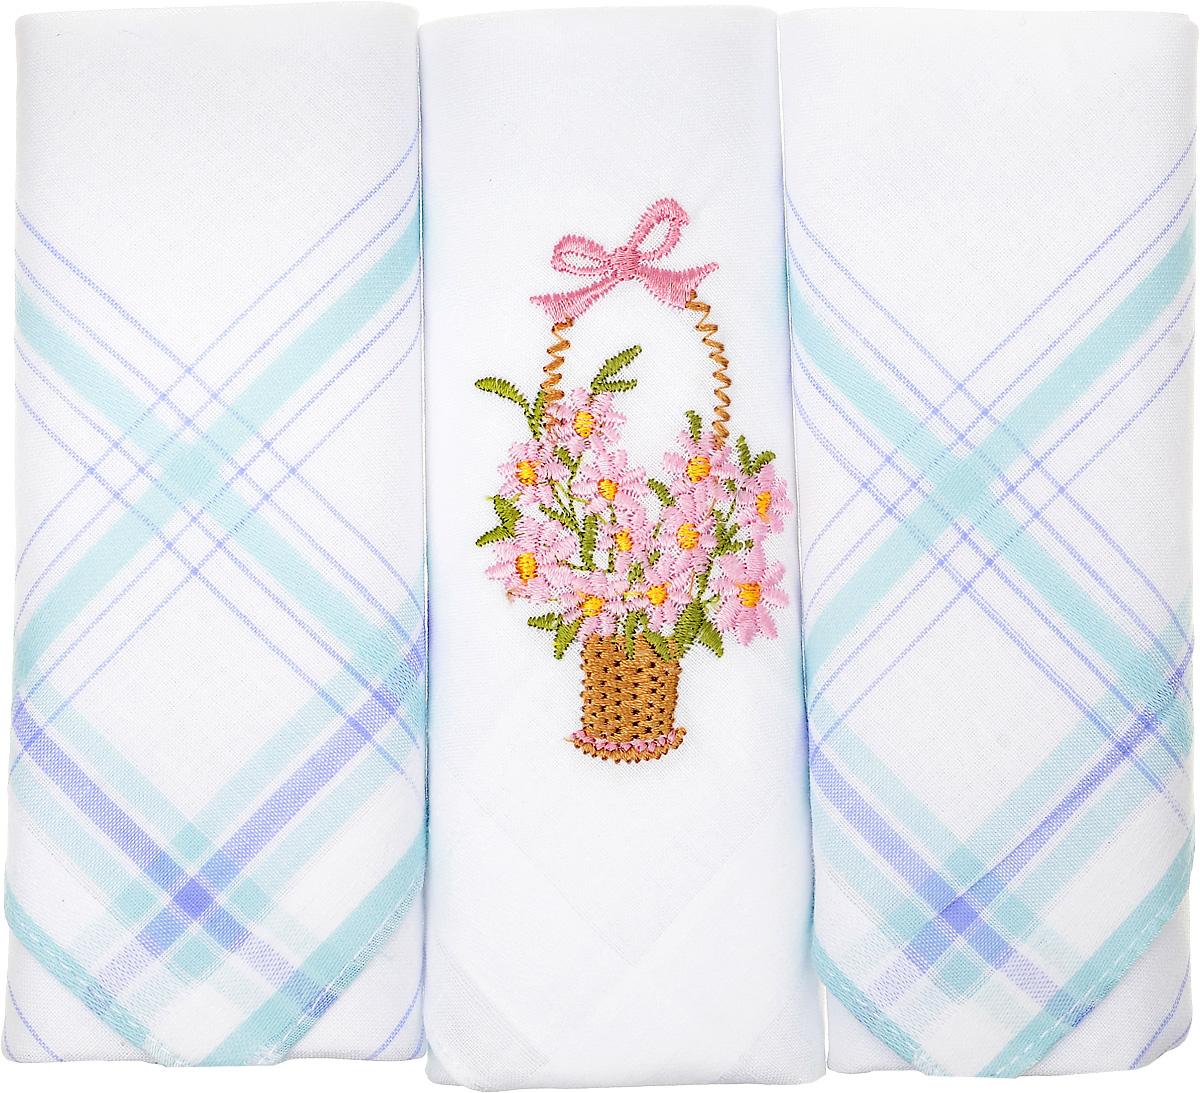 Платок носовой женский Zlata Korunka, цвет: белый, бирюзовый, 3 шт. 90329-55. Размер 29 см х 29 см90329-55Небольшой женский носовой платок Zlata Korunka изготовлен из высококачественного натурального хлопка, благодаря чему приятен в использовании, хорошо стирается, не садится и отлично впитывает влагу. Практичный и изящный носовой платок будет незаменим в повседневной жизни любого современного человека. Такой платок послужит стильным аксессуаром и подчеркнет ваше превосходное чувство вкуса. В комплекте 3 платка.